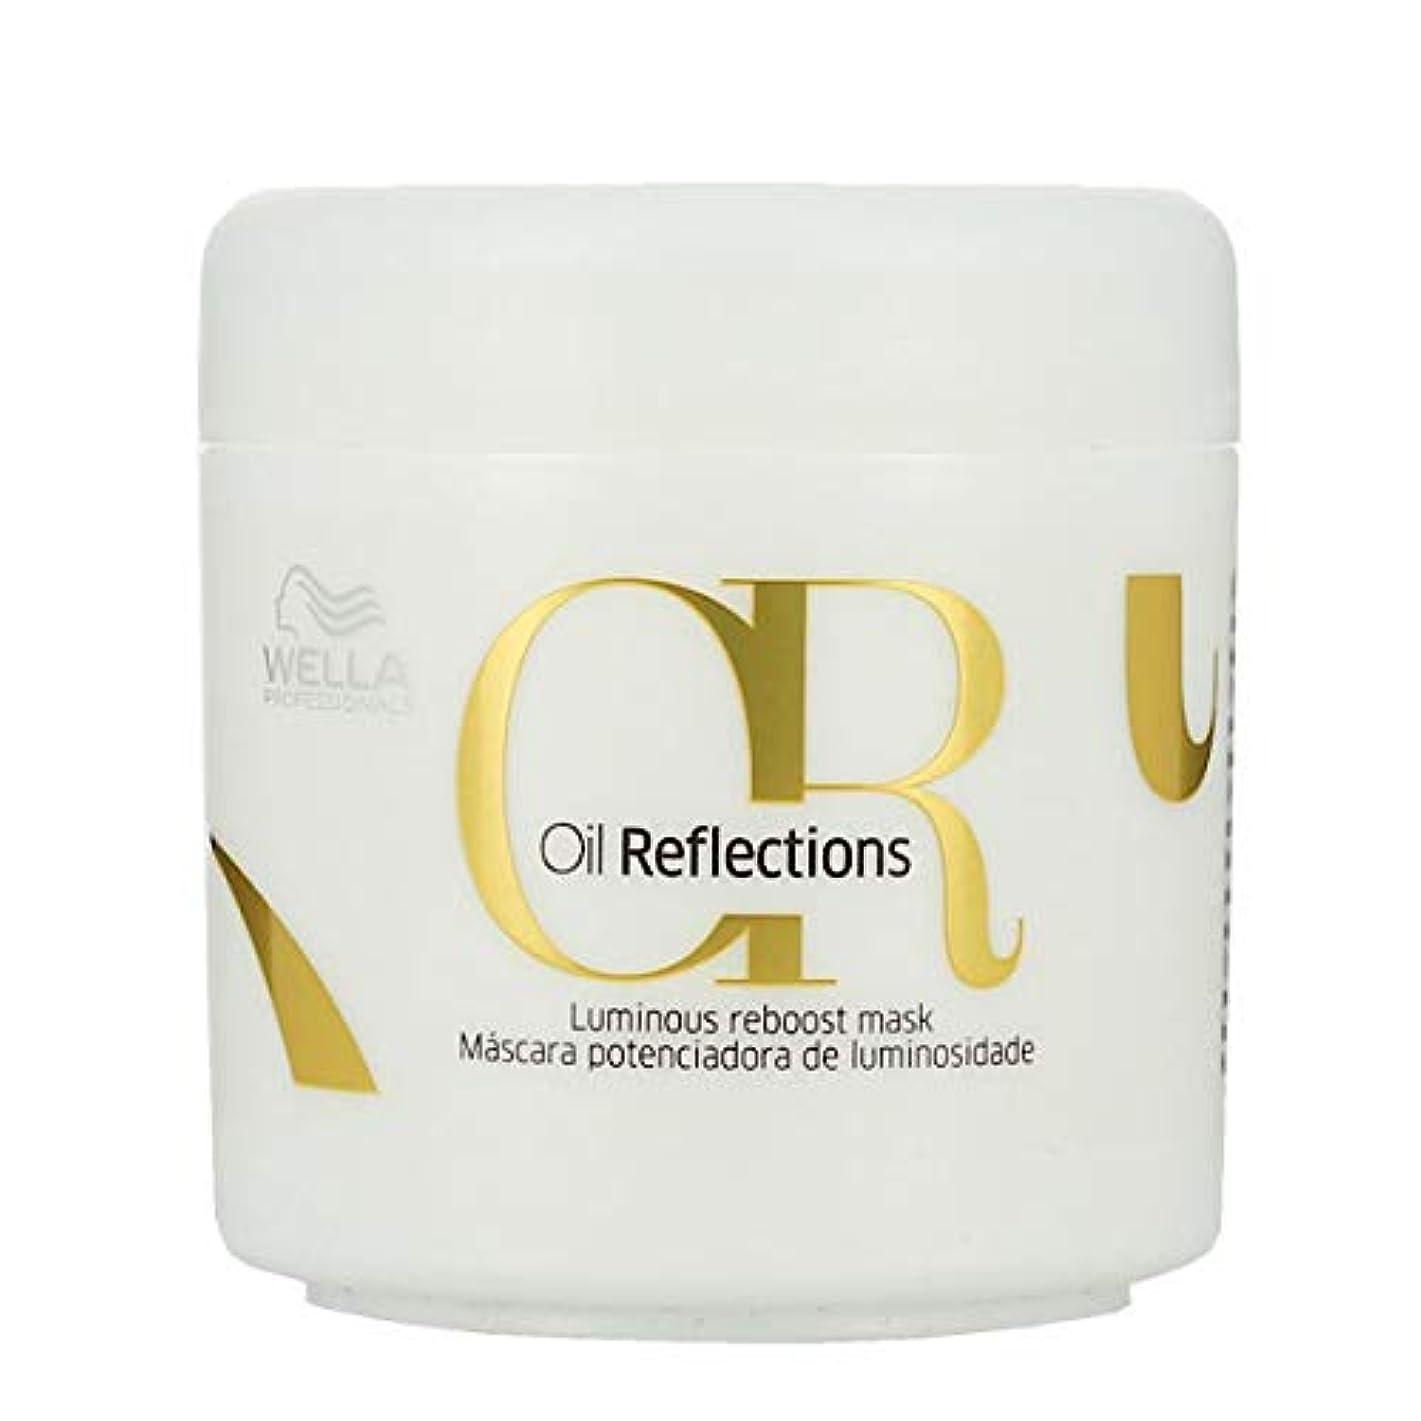 軌道急ぐラビリンスWella Professionals Oil Reflections Luminous Reboost Mask ウエラ オイルリフレクション マスク 150 ml [並行輸入品]